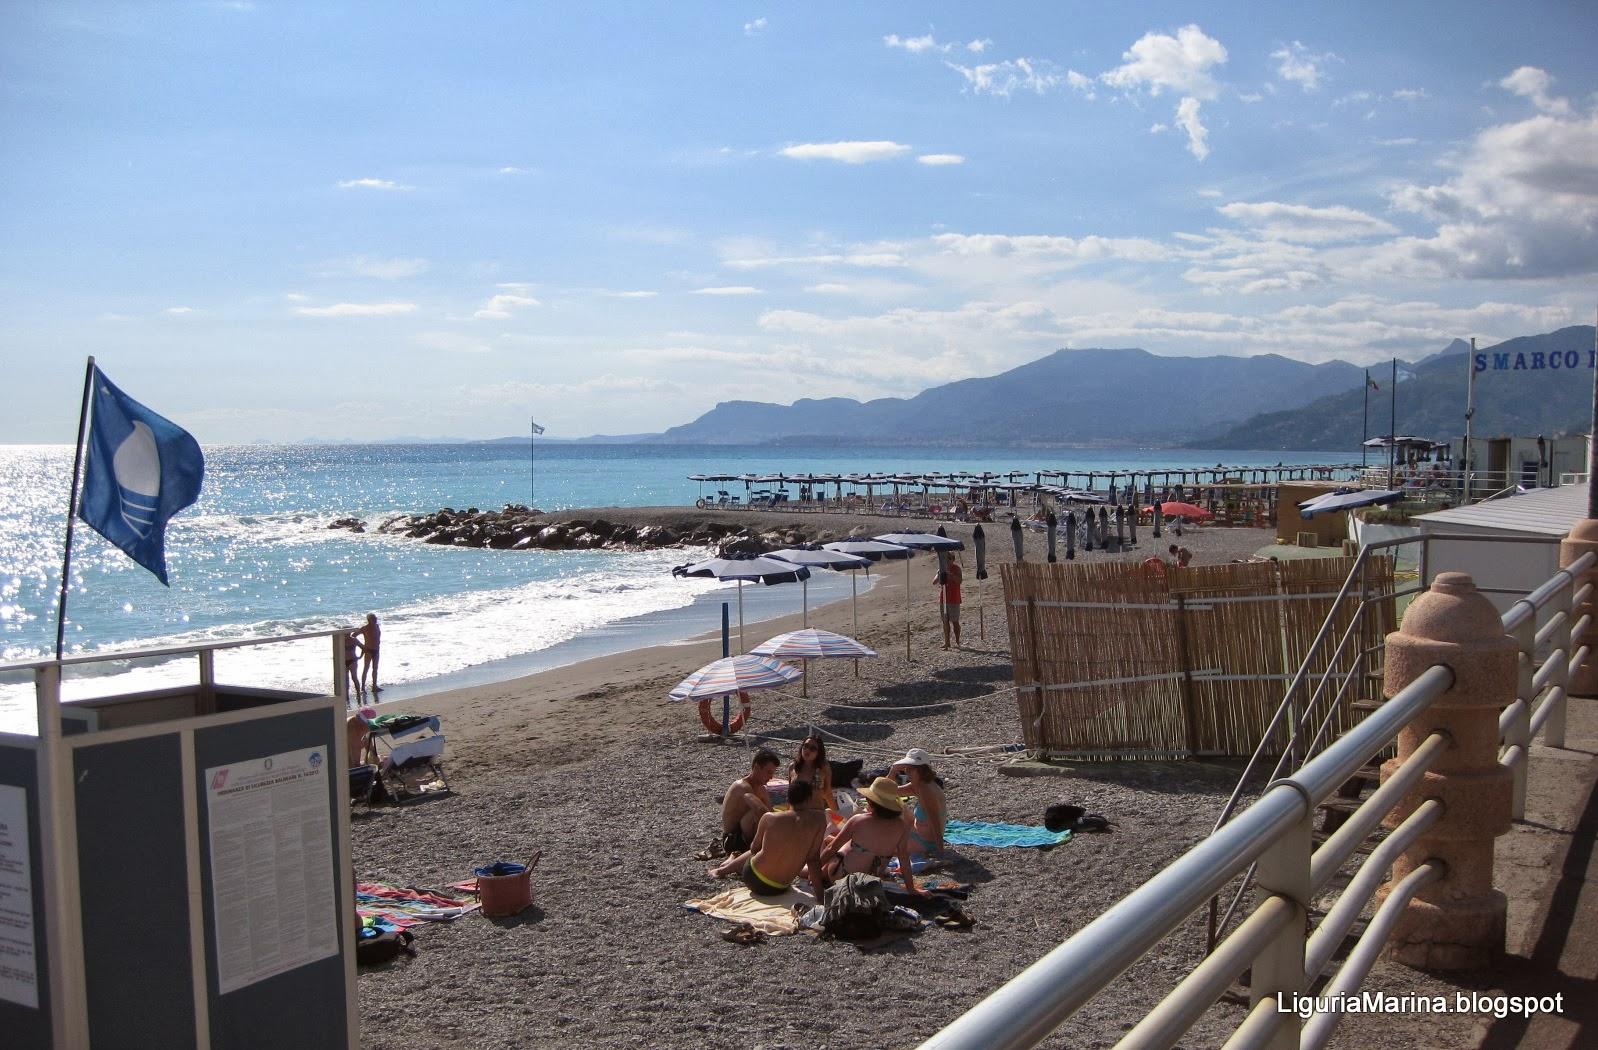 Bagni Paloma Bordighera : gruppo di ragazzi sulla spiaggia di ...